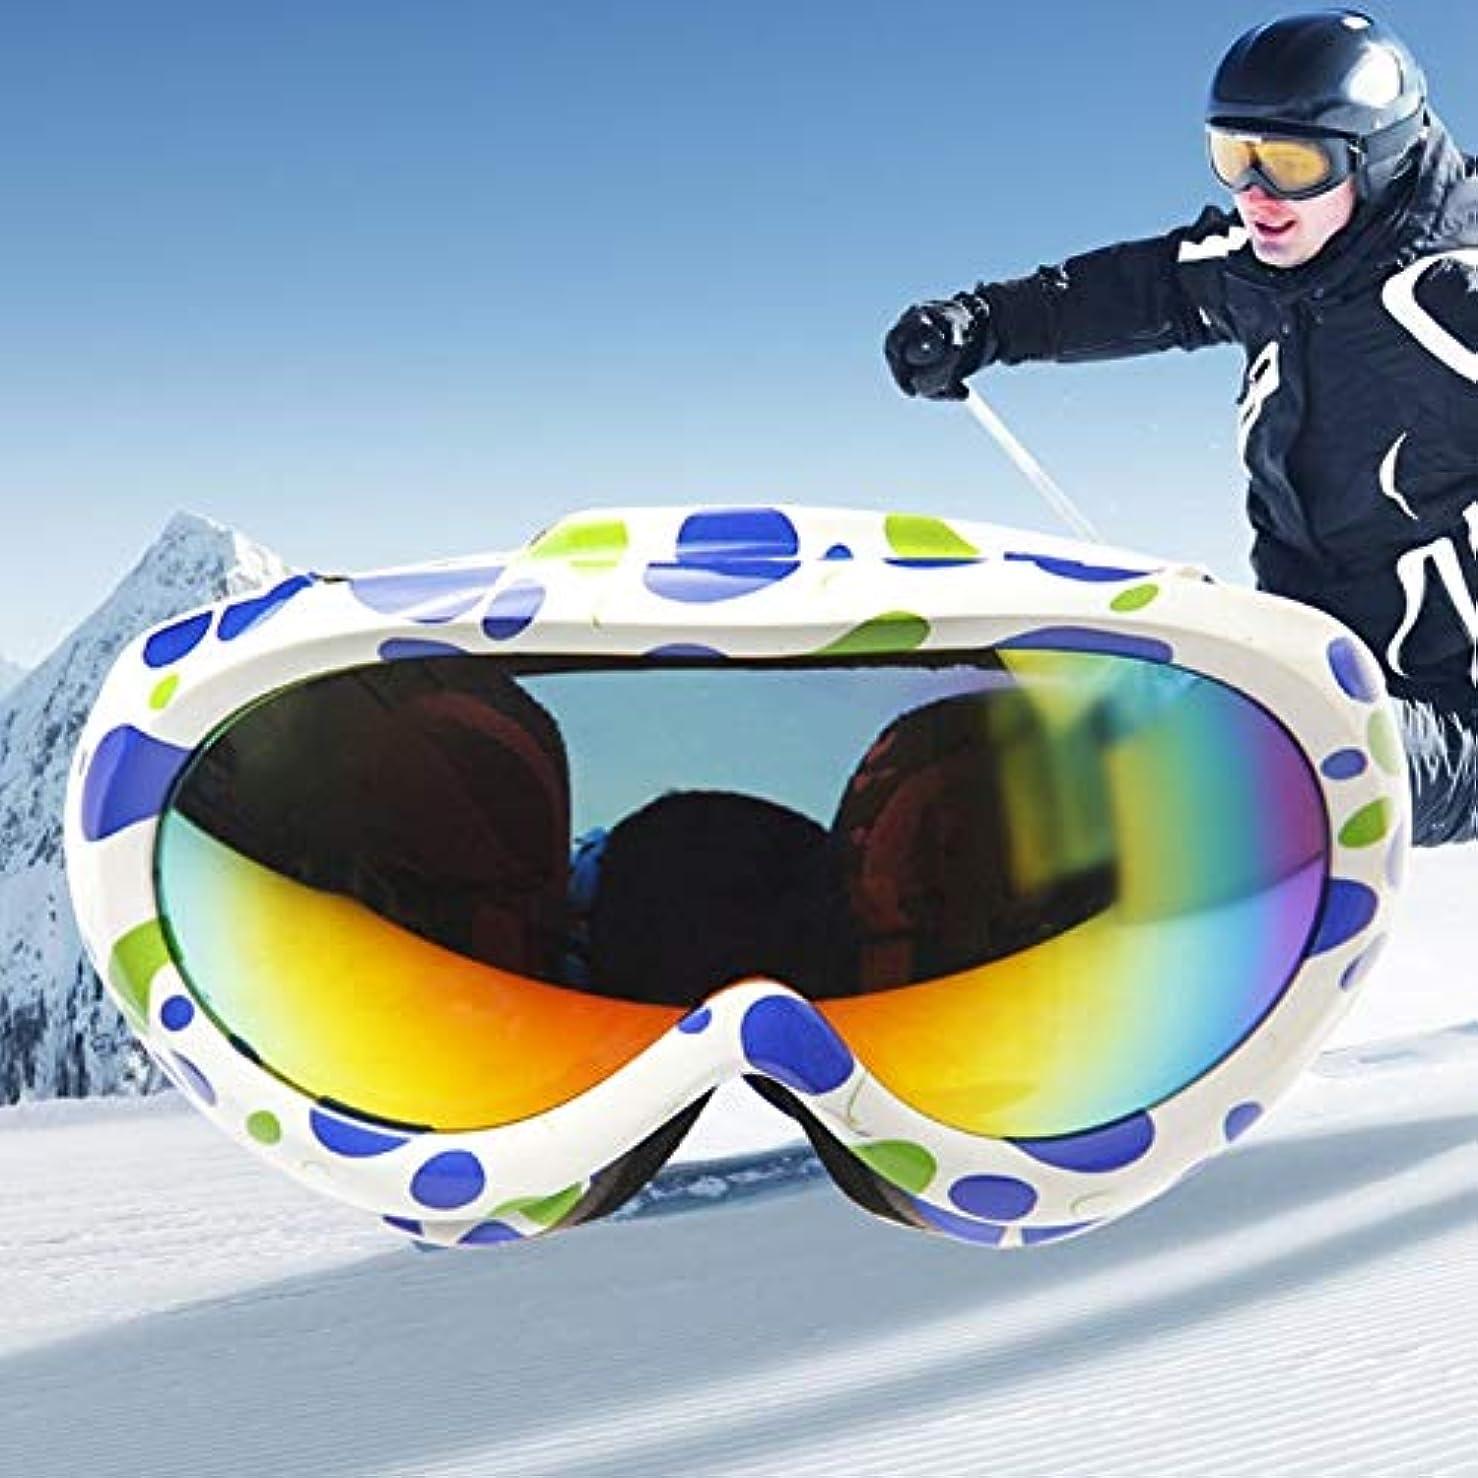 ライド実り多い床Diffomatealliance Glasses メガネH006デュアルレイヤー防曇防風UVプロテクション子供用調節可能幅広ストラップ付きゴーグル(ブルー&グリーンドット)